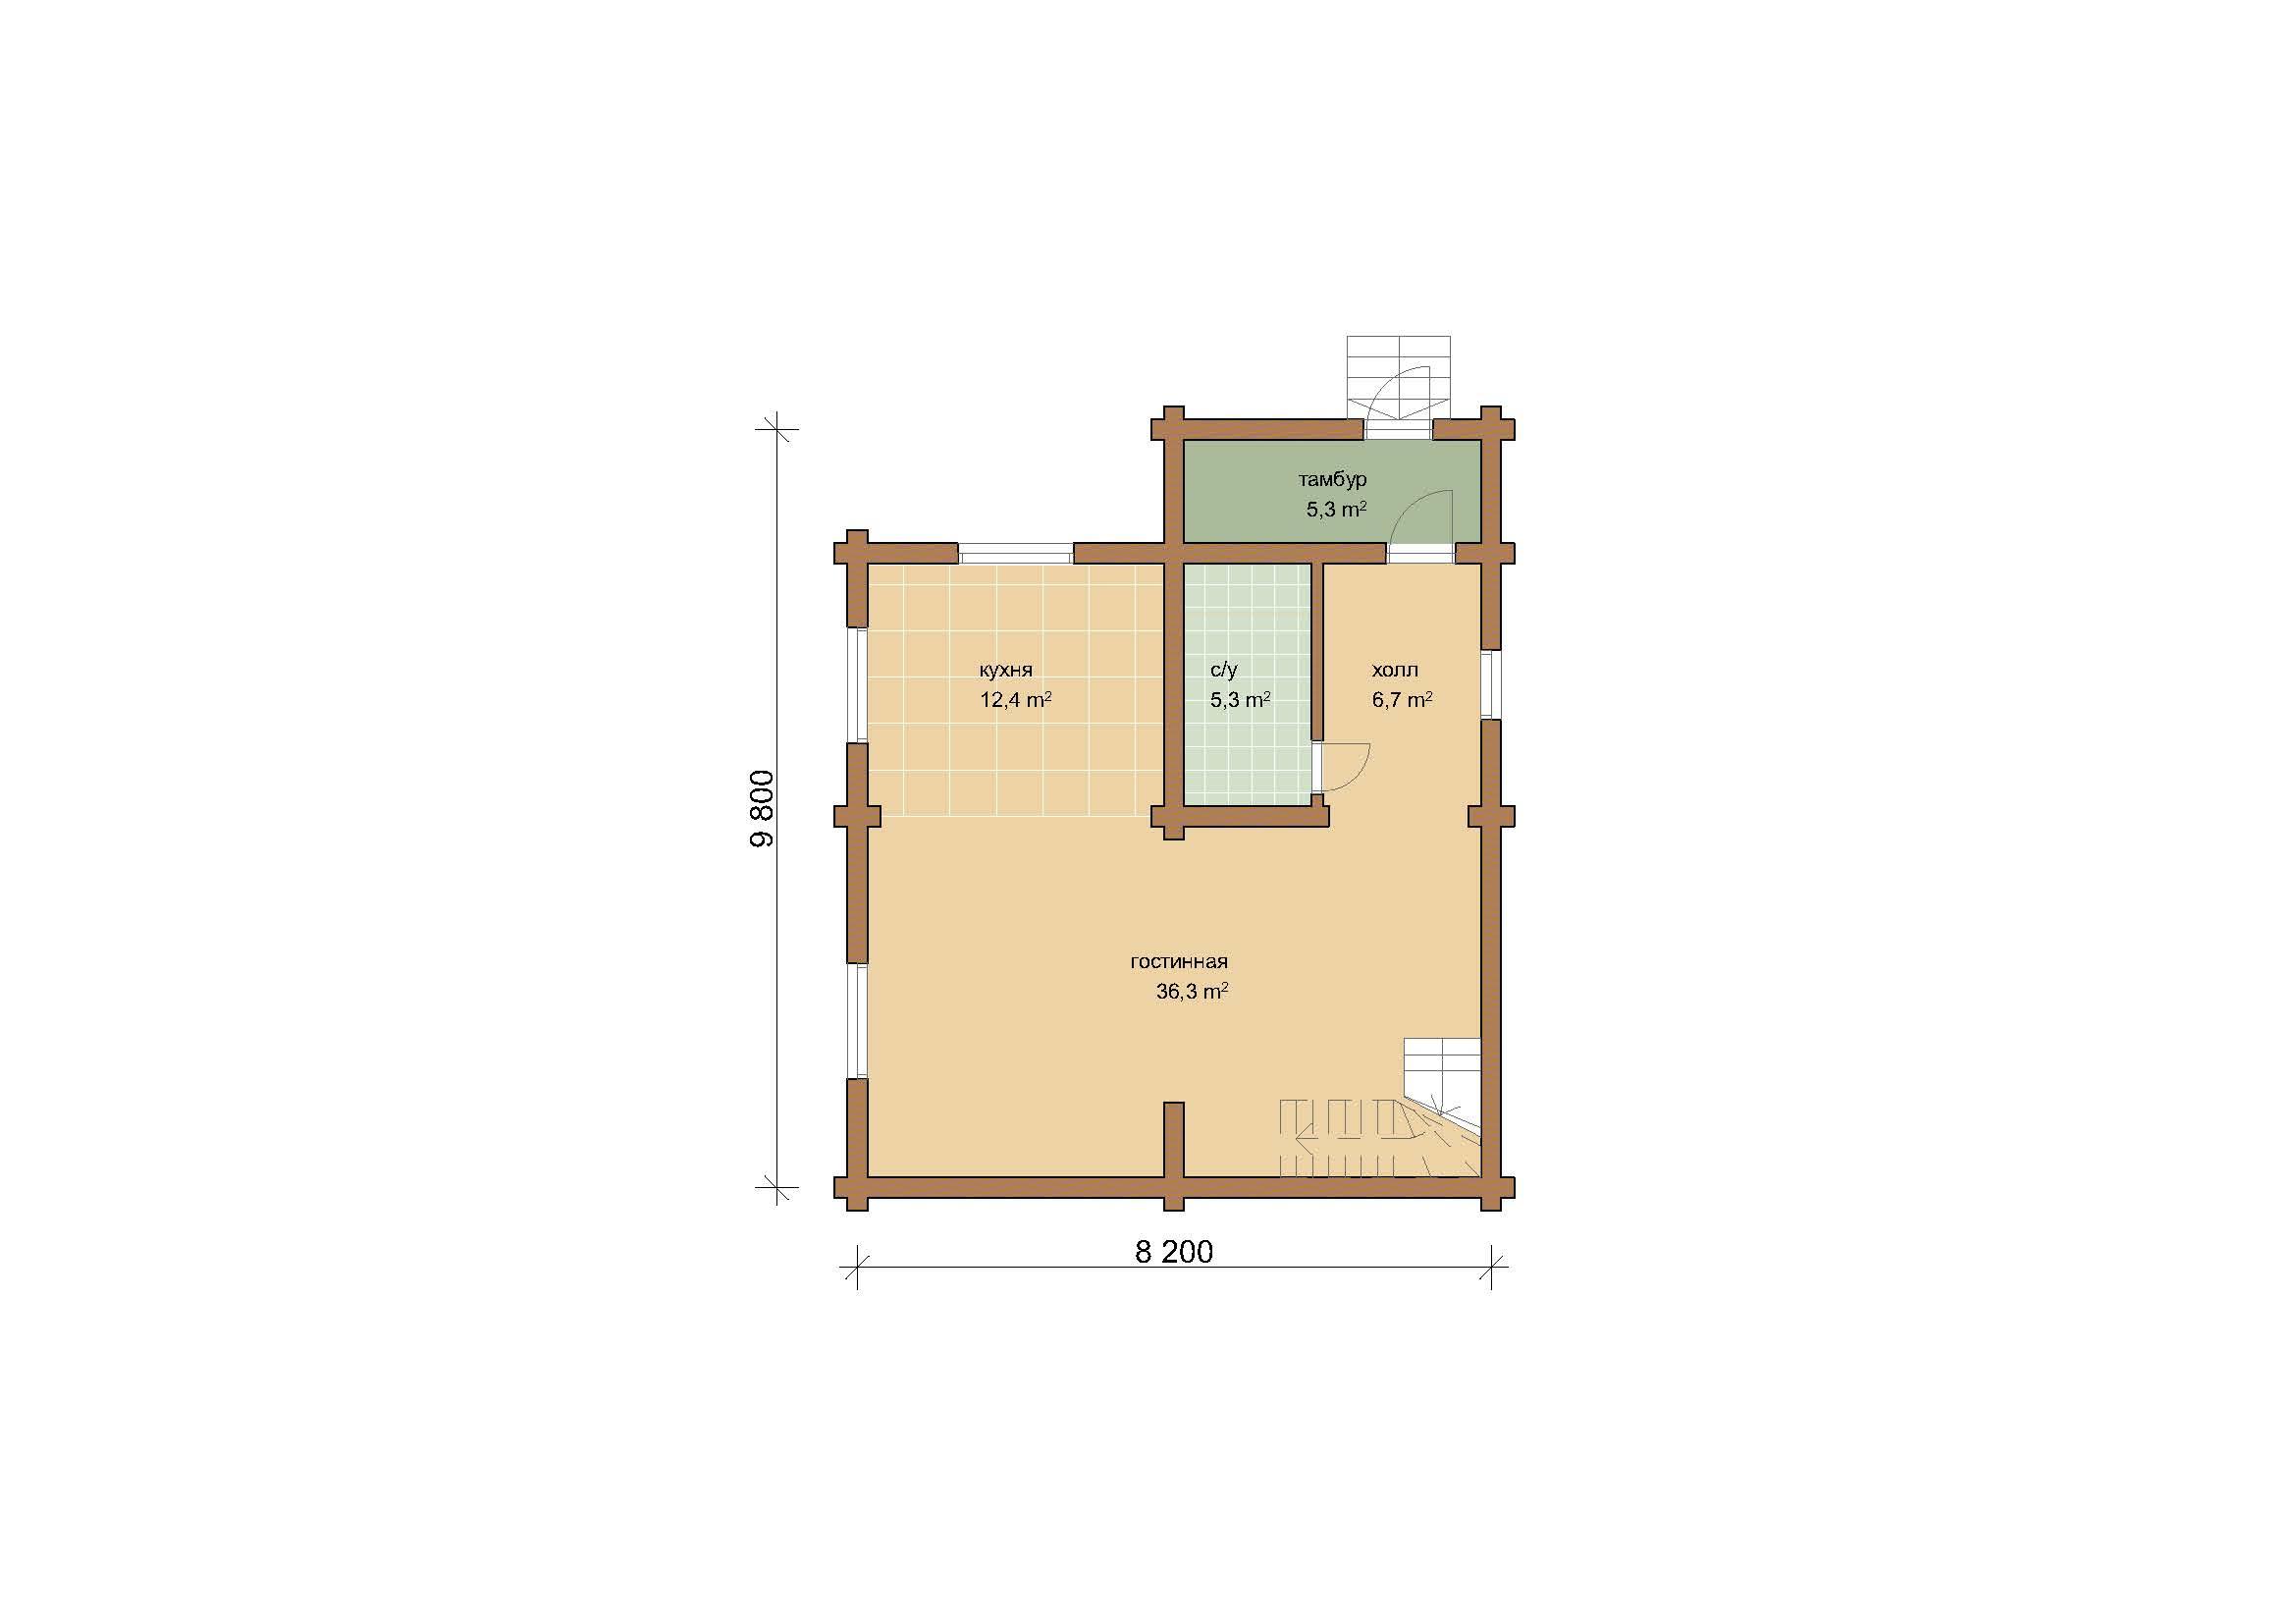 Дом 116.11 м2 8.2х9.8 по проекту АПРЕЛЕВКА  план